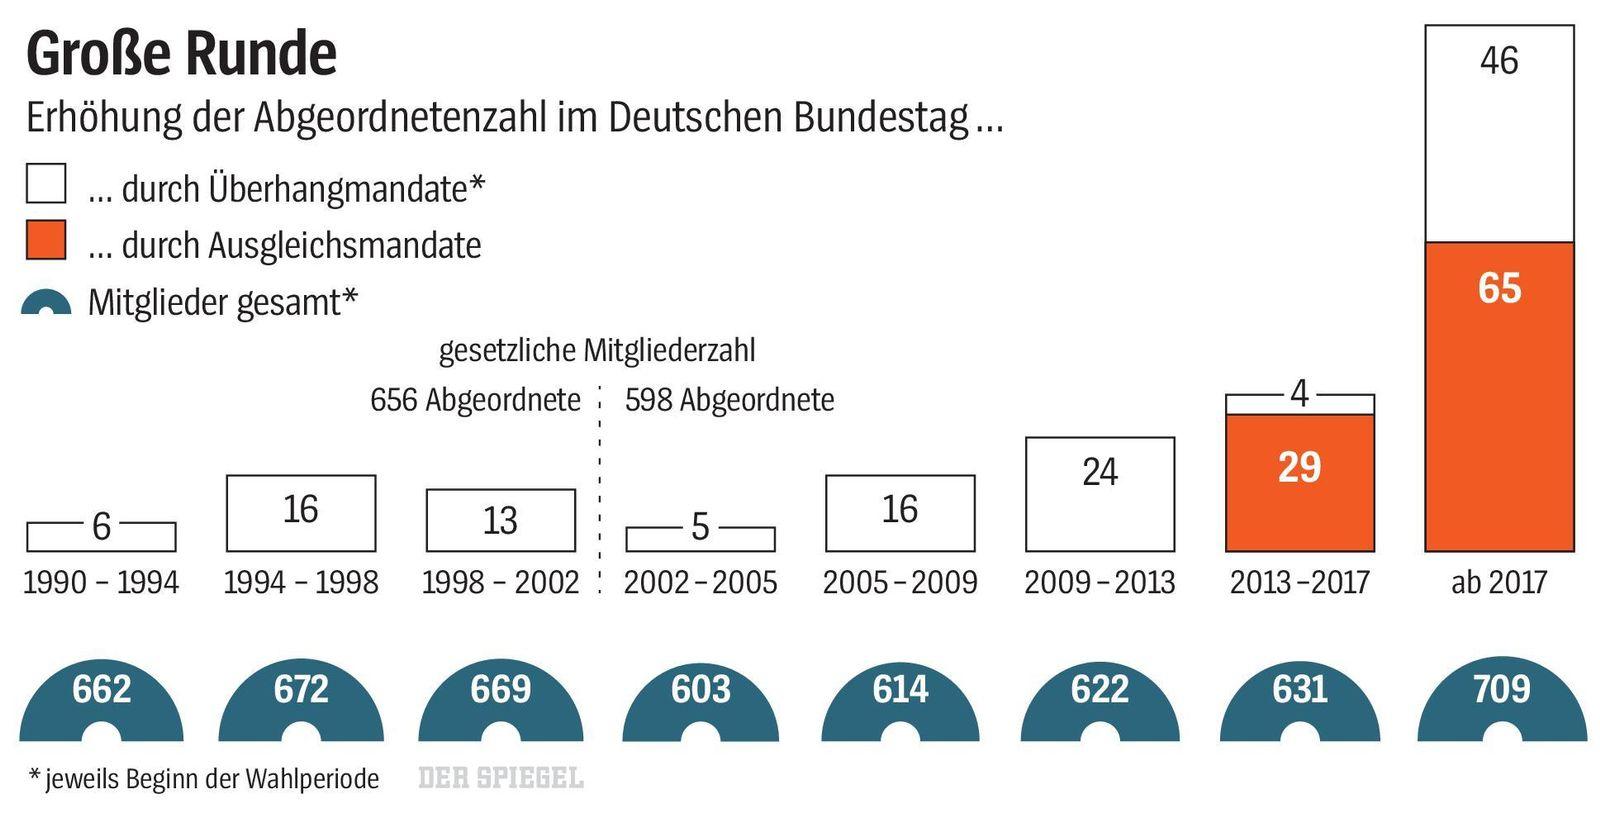 grafik spiegel 39_2019 bundestag